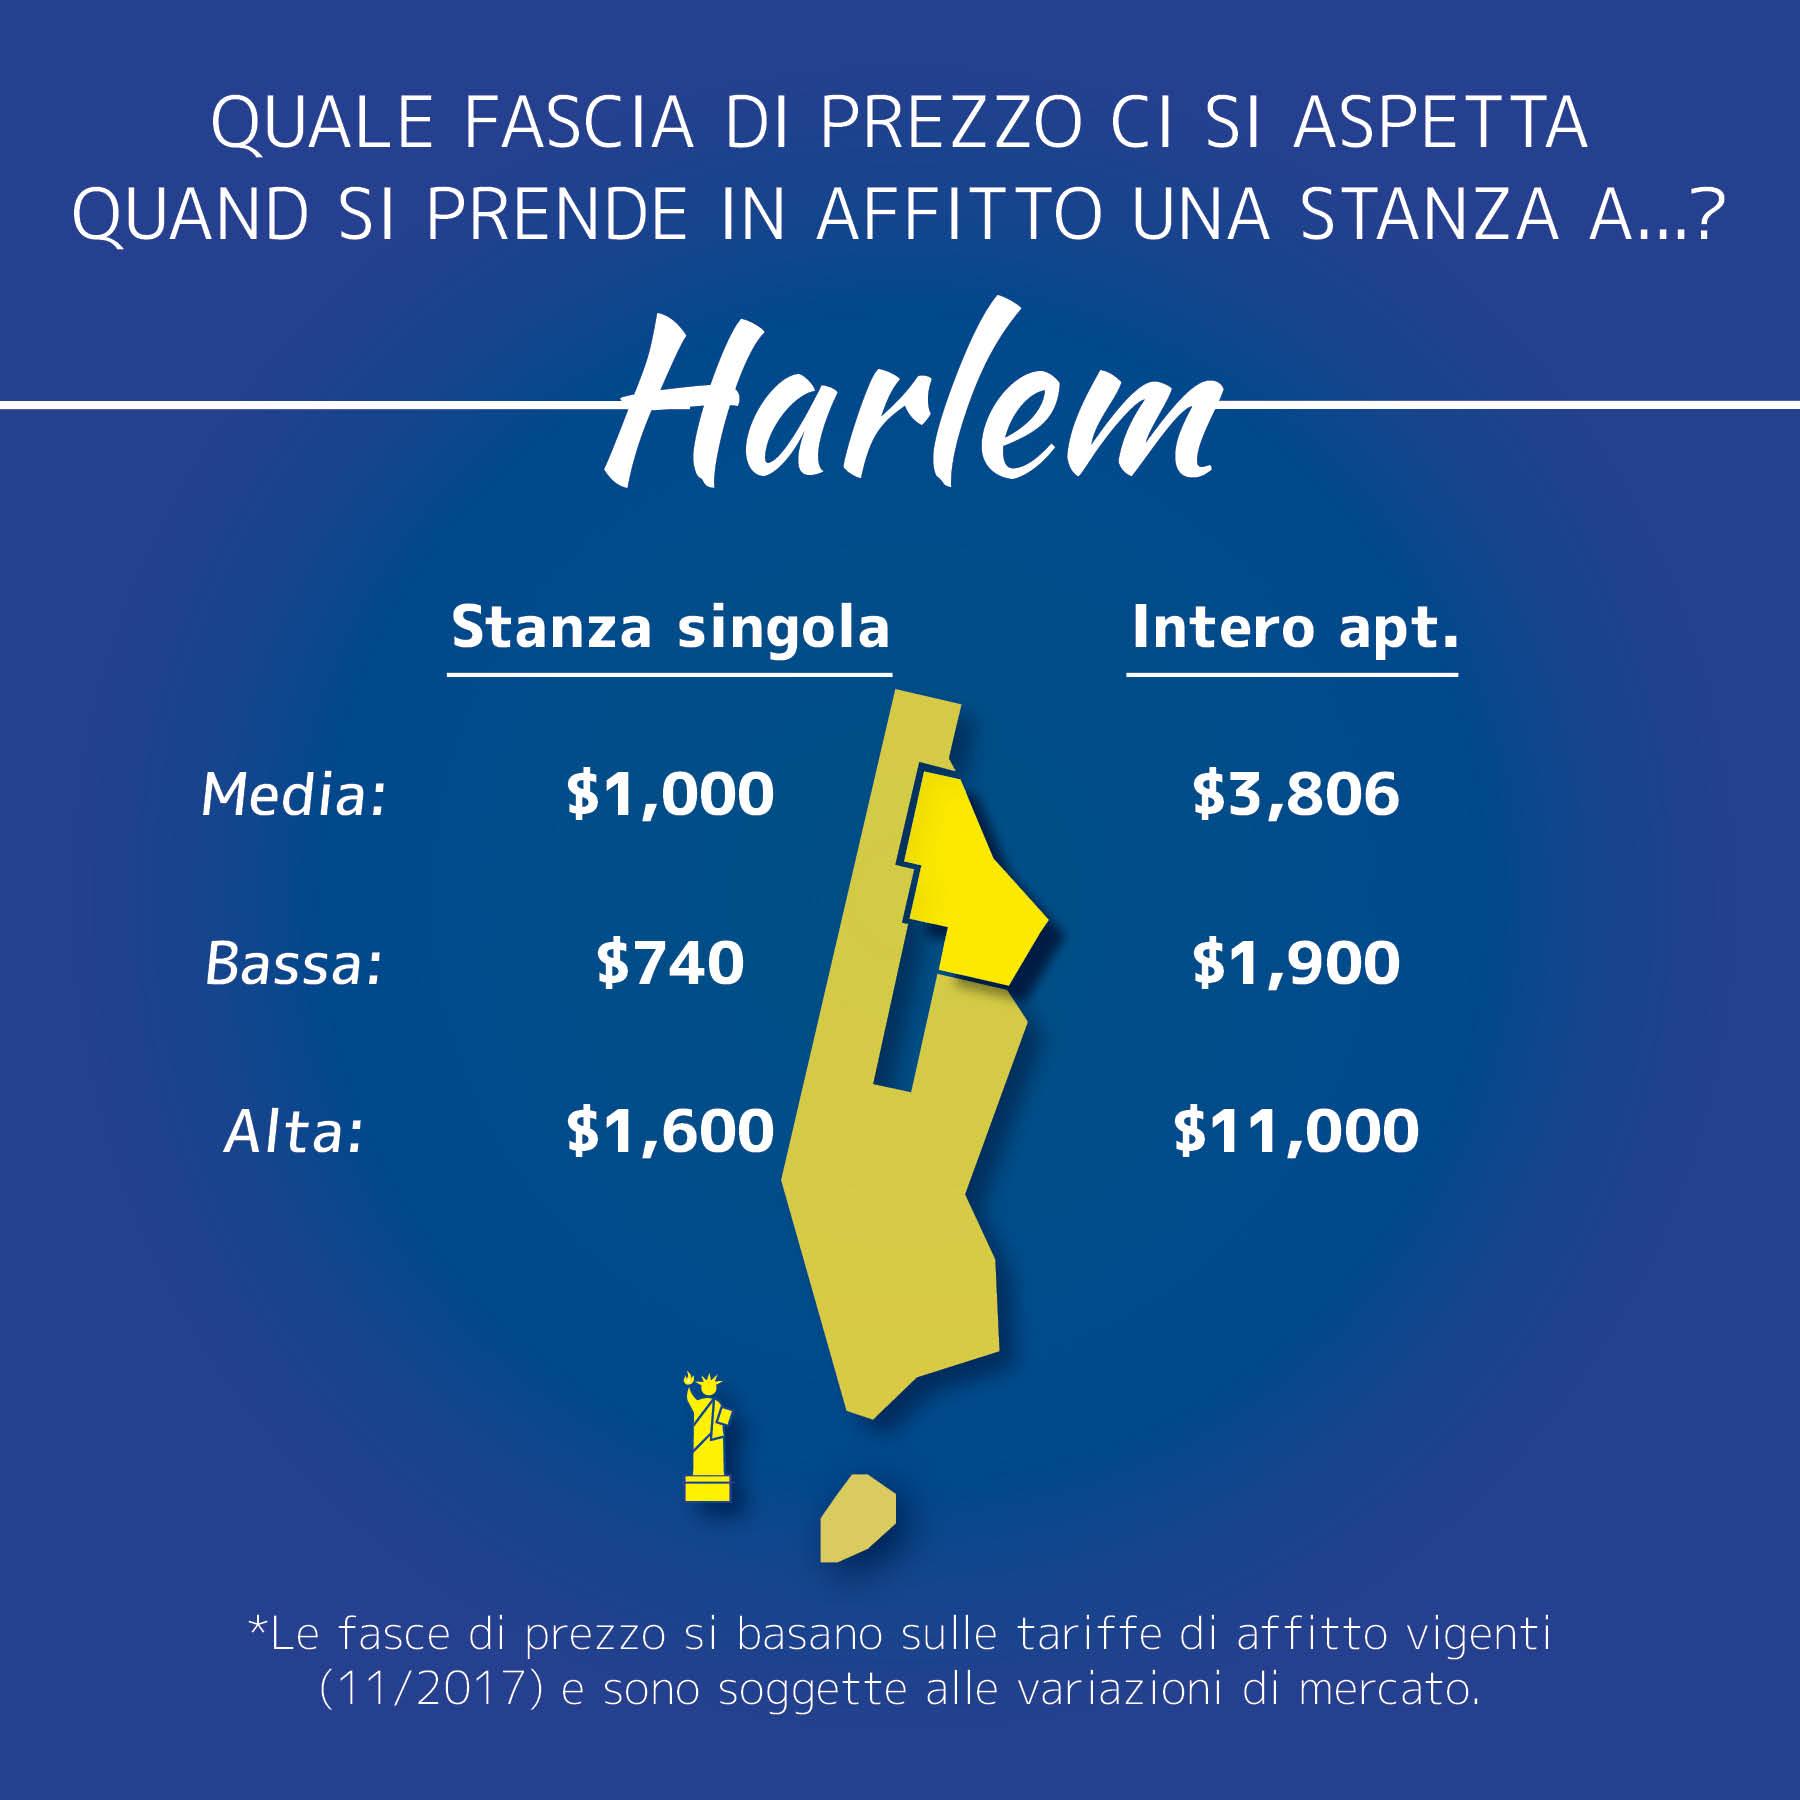 Immagine dei prezzi di affitto ad Harlem, Manhattan